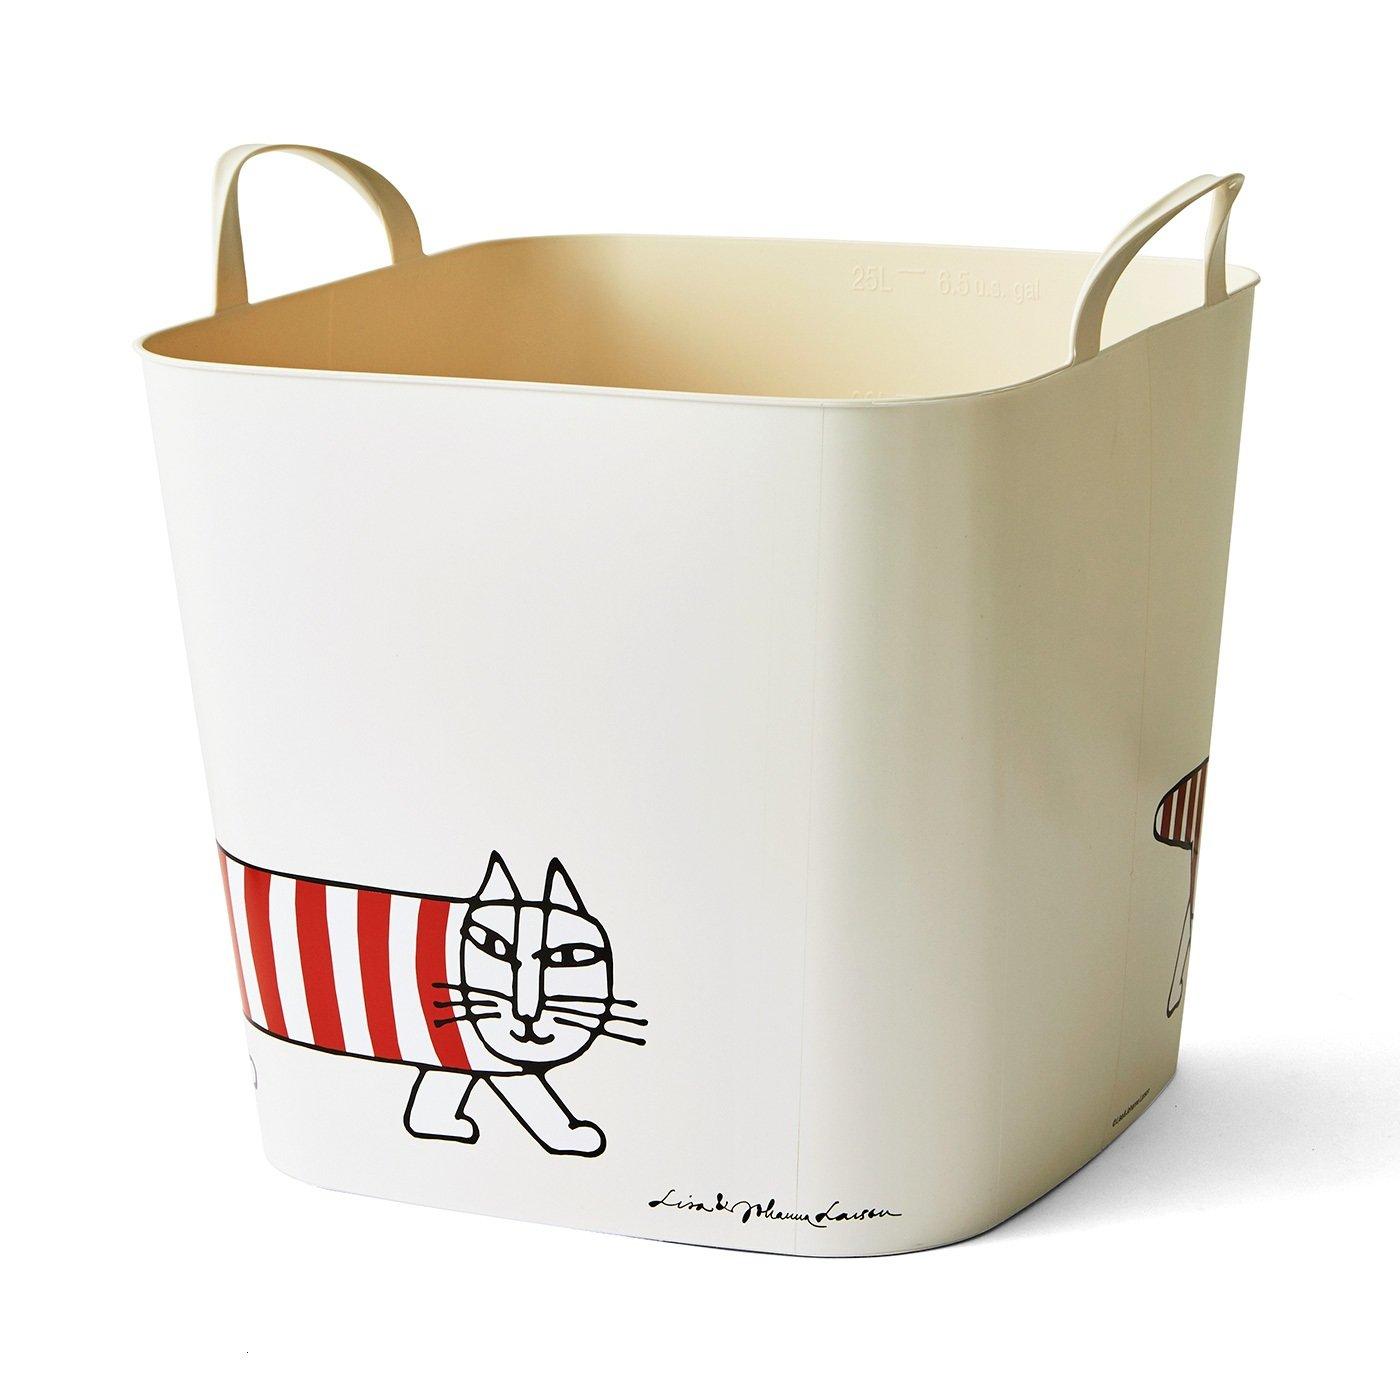 リサ・ラーソン 収納にもお洗濯にも使える 洗えるお片づけバケット